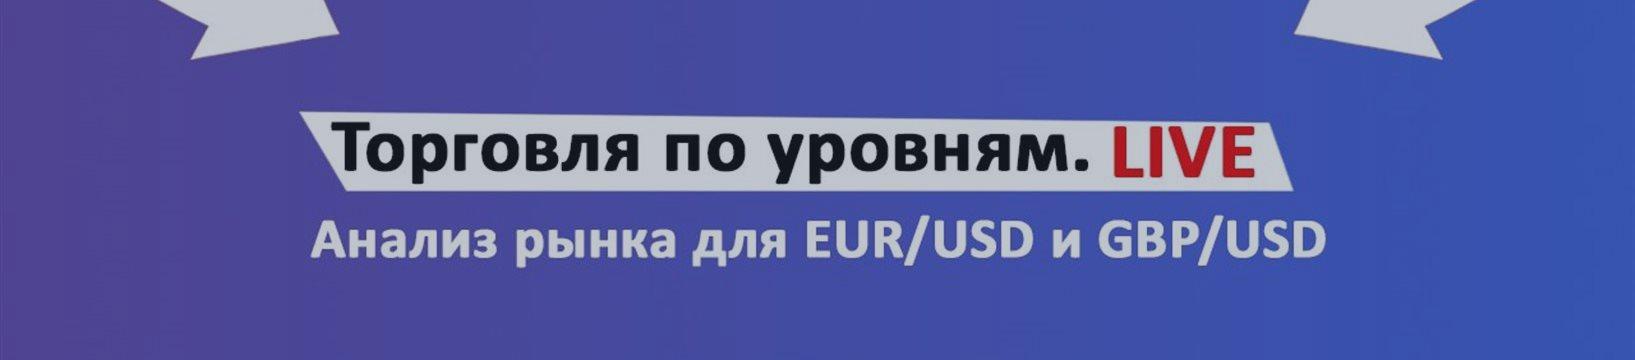 ТОРГОВЛЯ ПО УРОВНЯМ. АНАЛИЗ РЫНКА ДЛЯ EUR/USD и GBP/USD